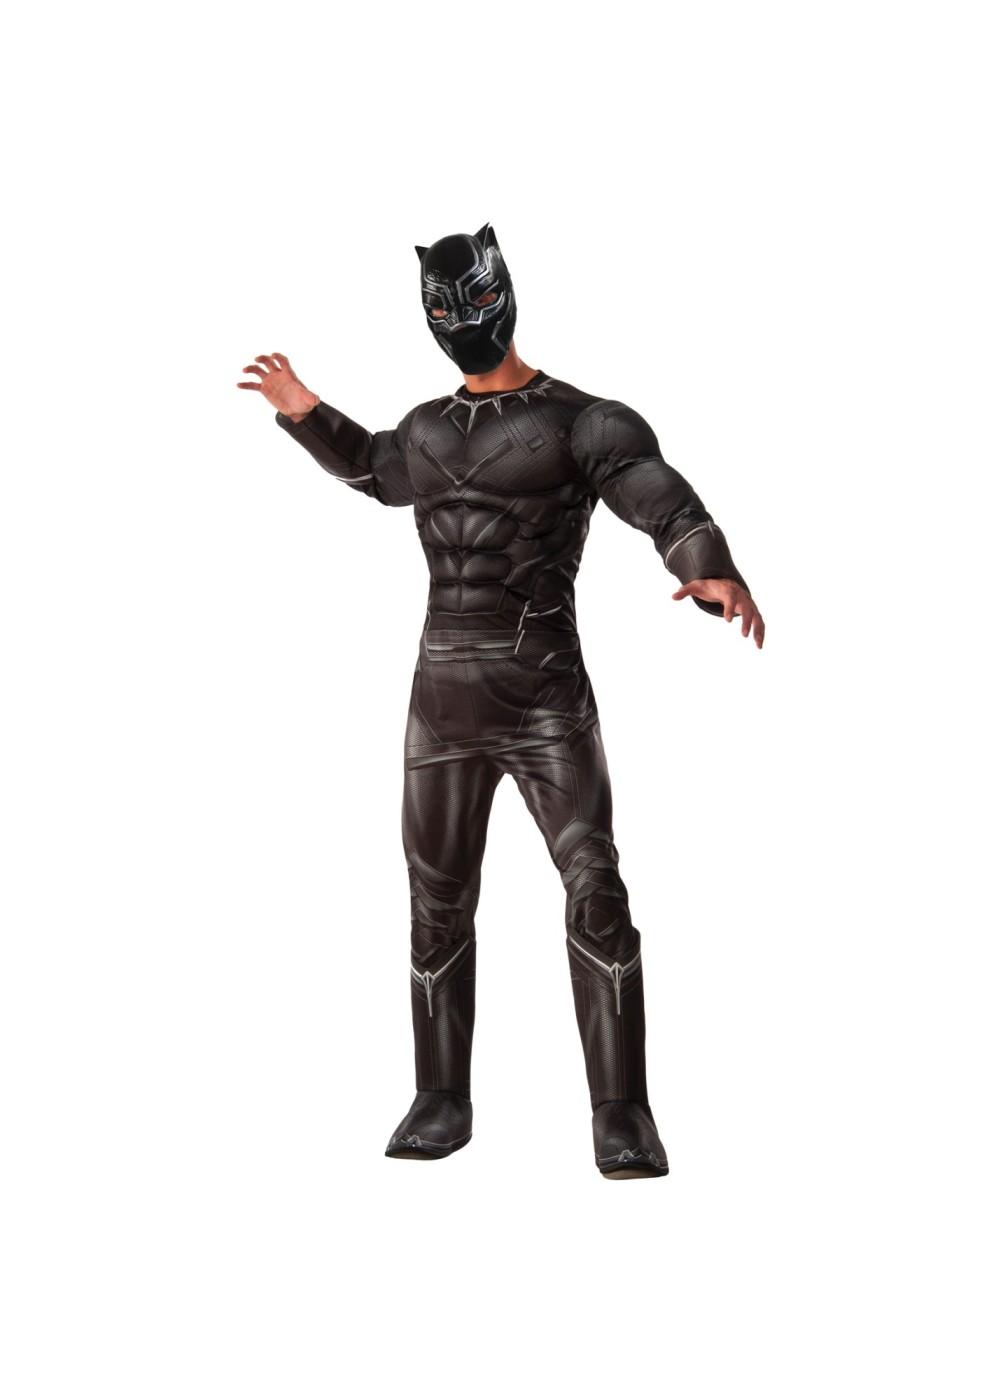 Black Panther Adult Mask - SuperheroDen.com